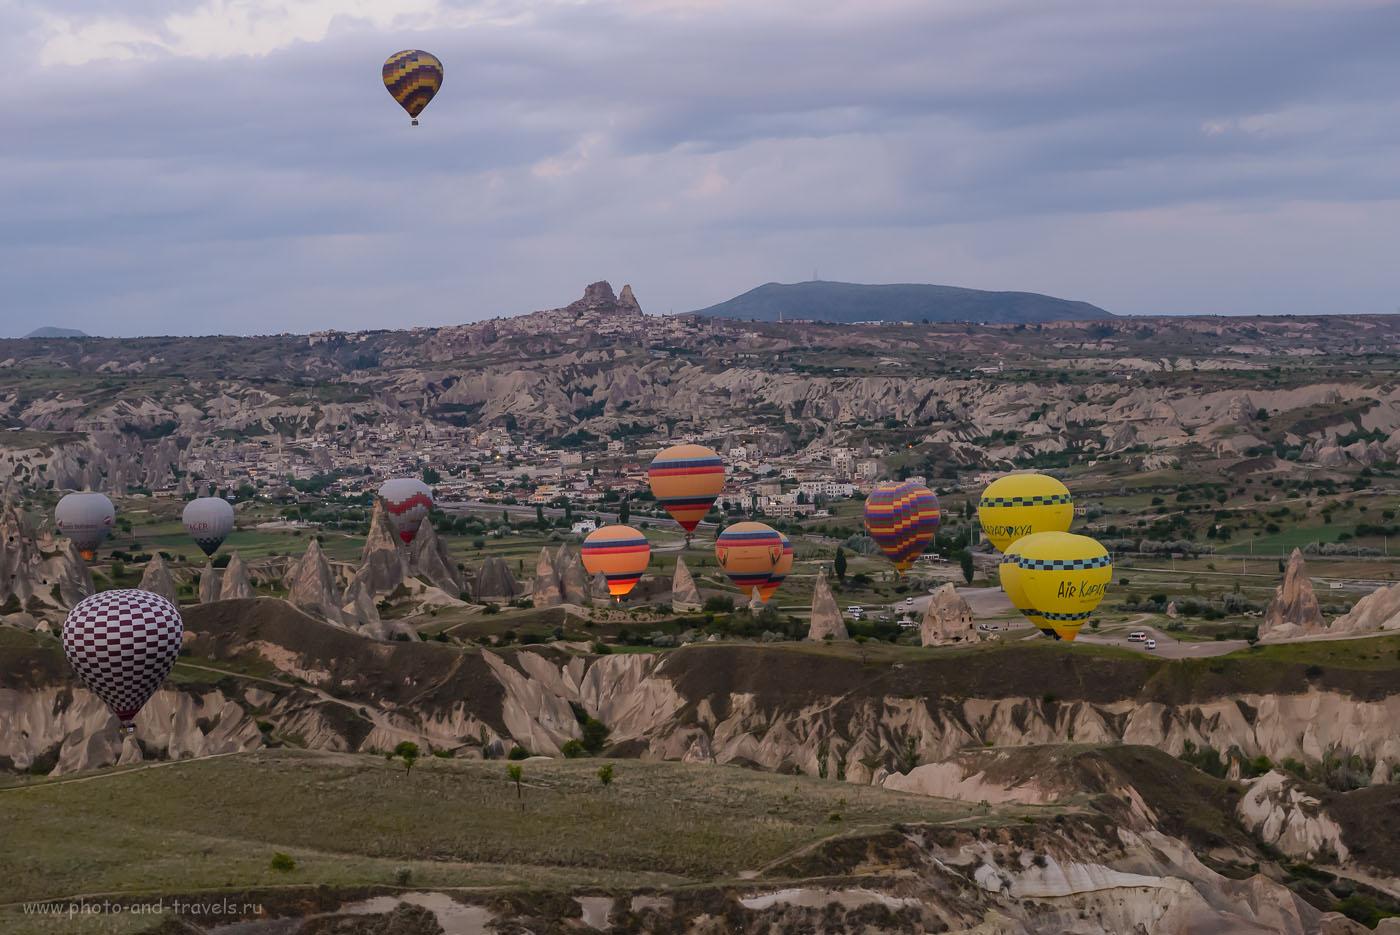 Фото 1. Воздушные шары в небе Каппадокии. На заднем плане – поселок Гёреме, а вдали – «башня» замка Учхисар. Отзывы туристов о путешествии по Турции. Снято на полнокадровый фотоаппарат Nikon D610 с объективом Nikon 24-70mm f/2.8 со следующими настройками: выдержка 1/125 секунды, экспокоррекция 0EV, диафрагма f/8.0, ISO 5000 единиц, фокусное расстояние 70 мм.